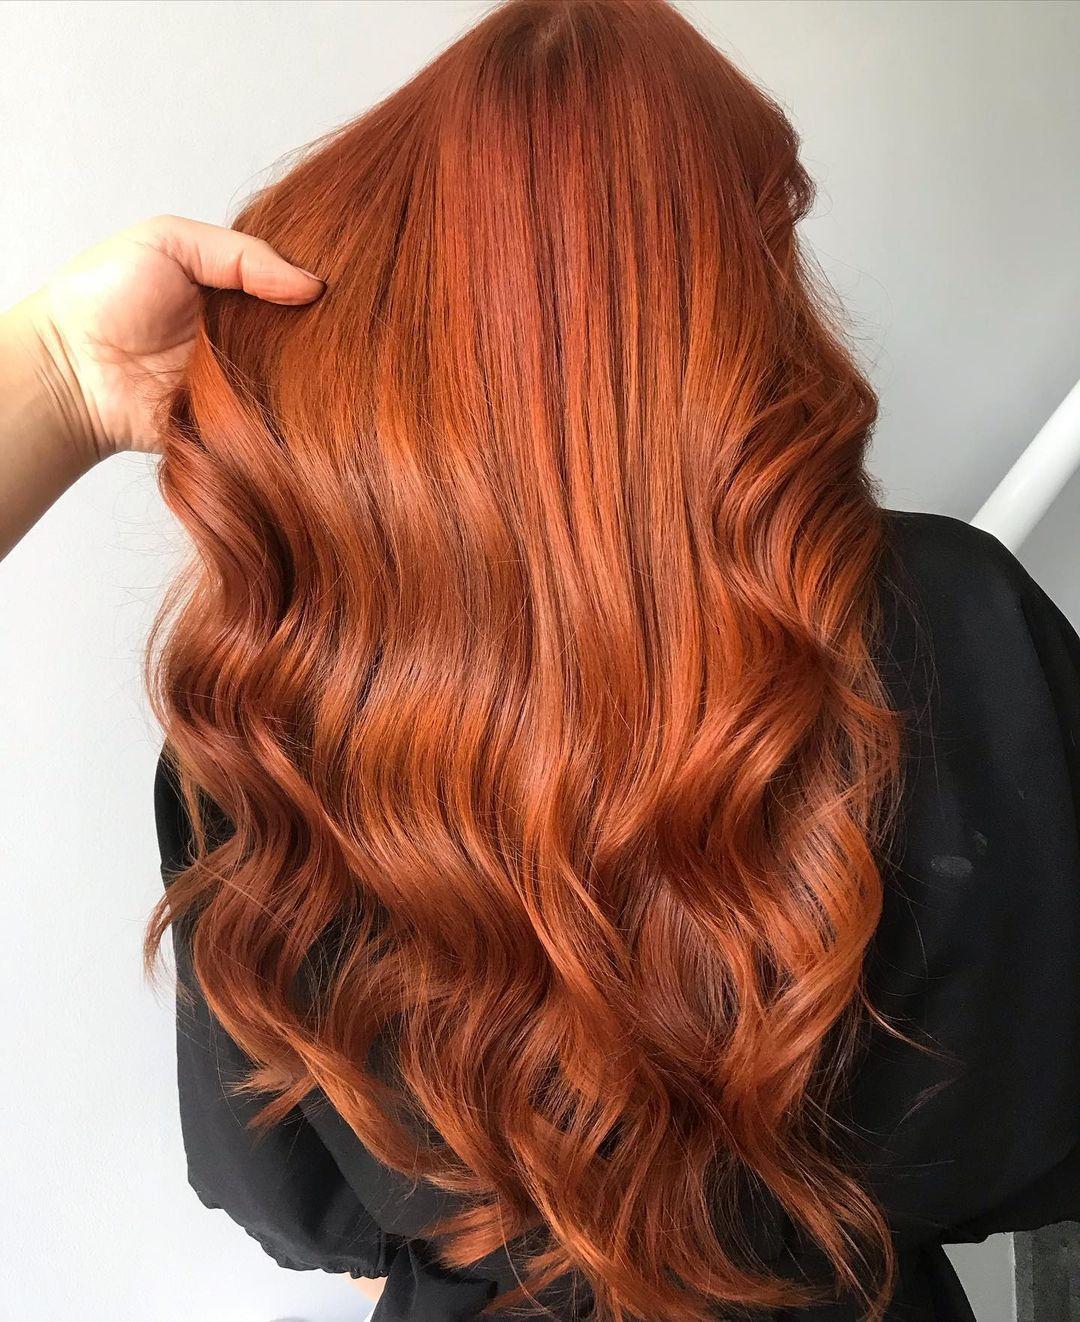 модное окрашивание осень 2021 для блондинок рыжий медный